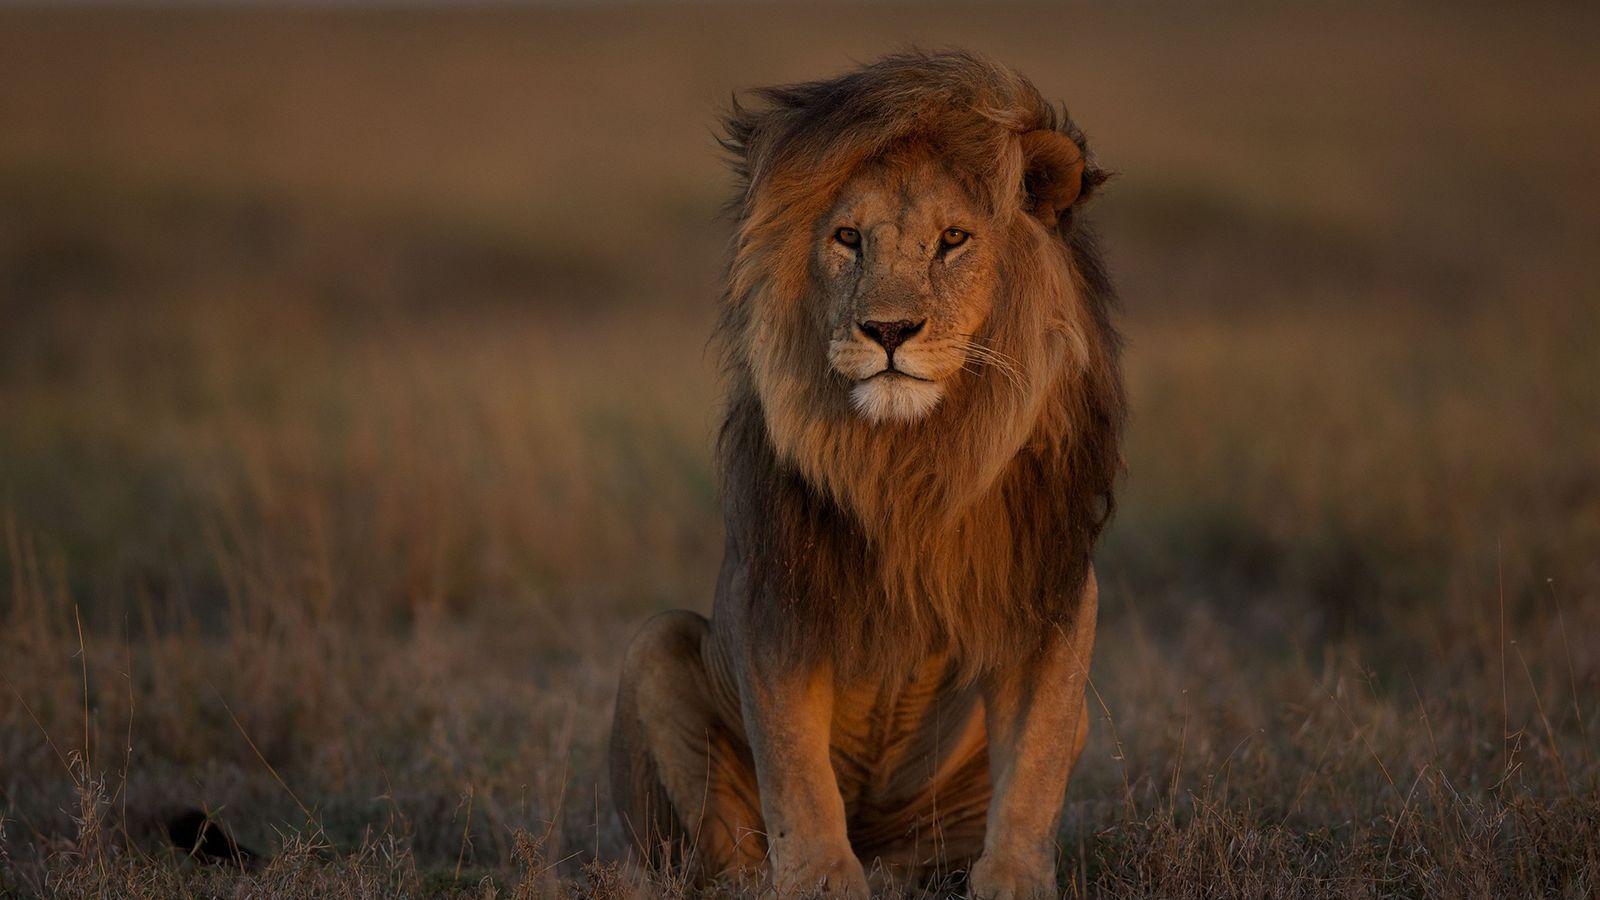 Un lion mâle adulte pose dans le Serengeti. La disparition de leurs proies, la perte d'habitat ...